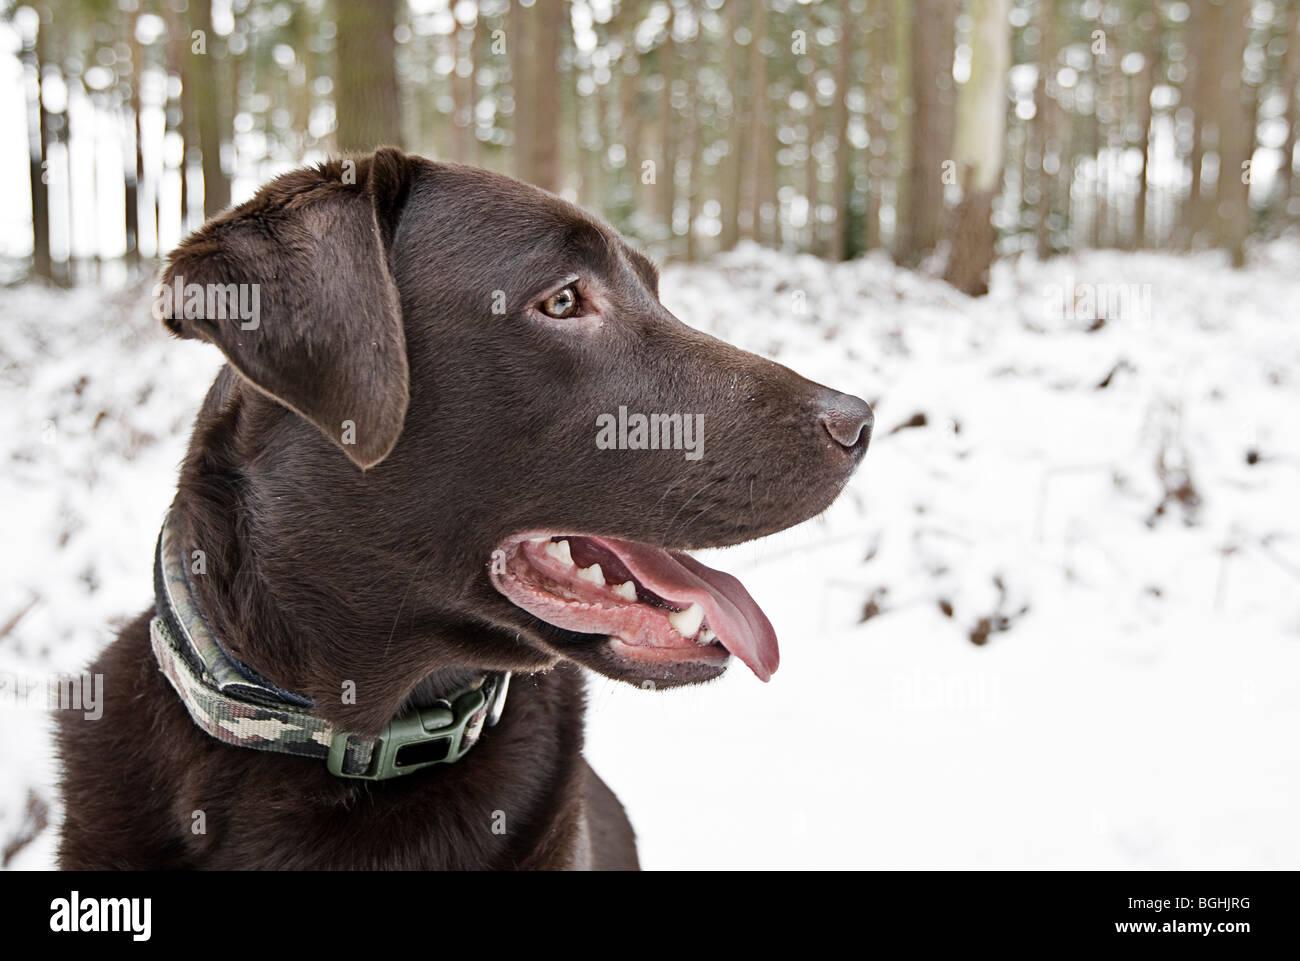 Profil-Schuss ein schöner Chocolate Labrador in die verschneite Landschaft Stockbild